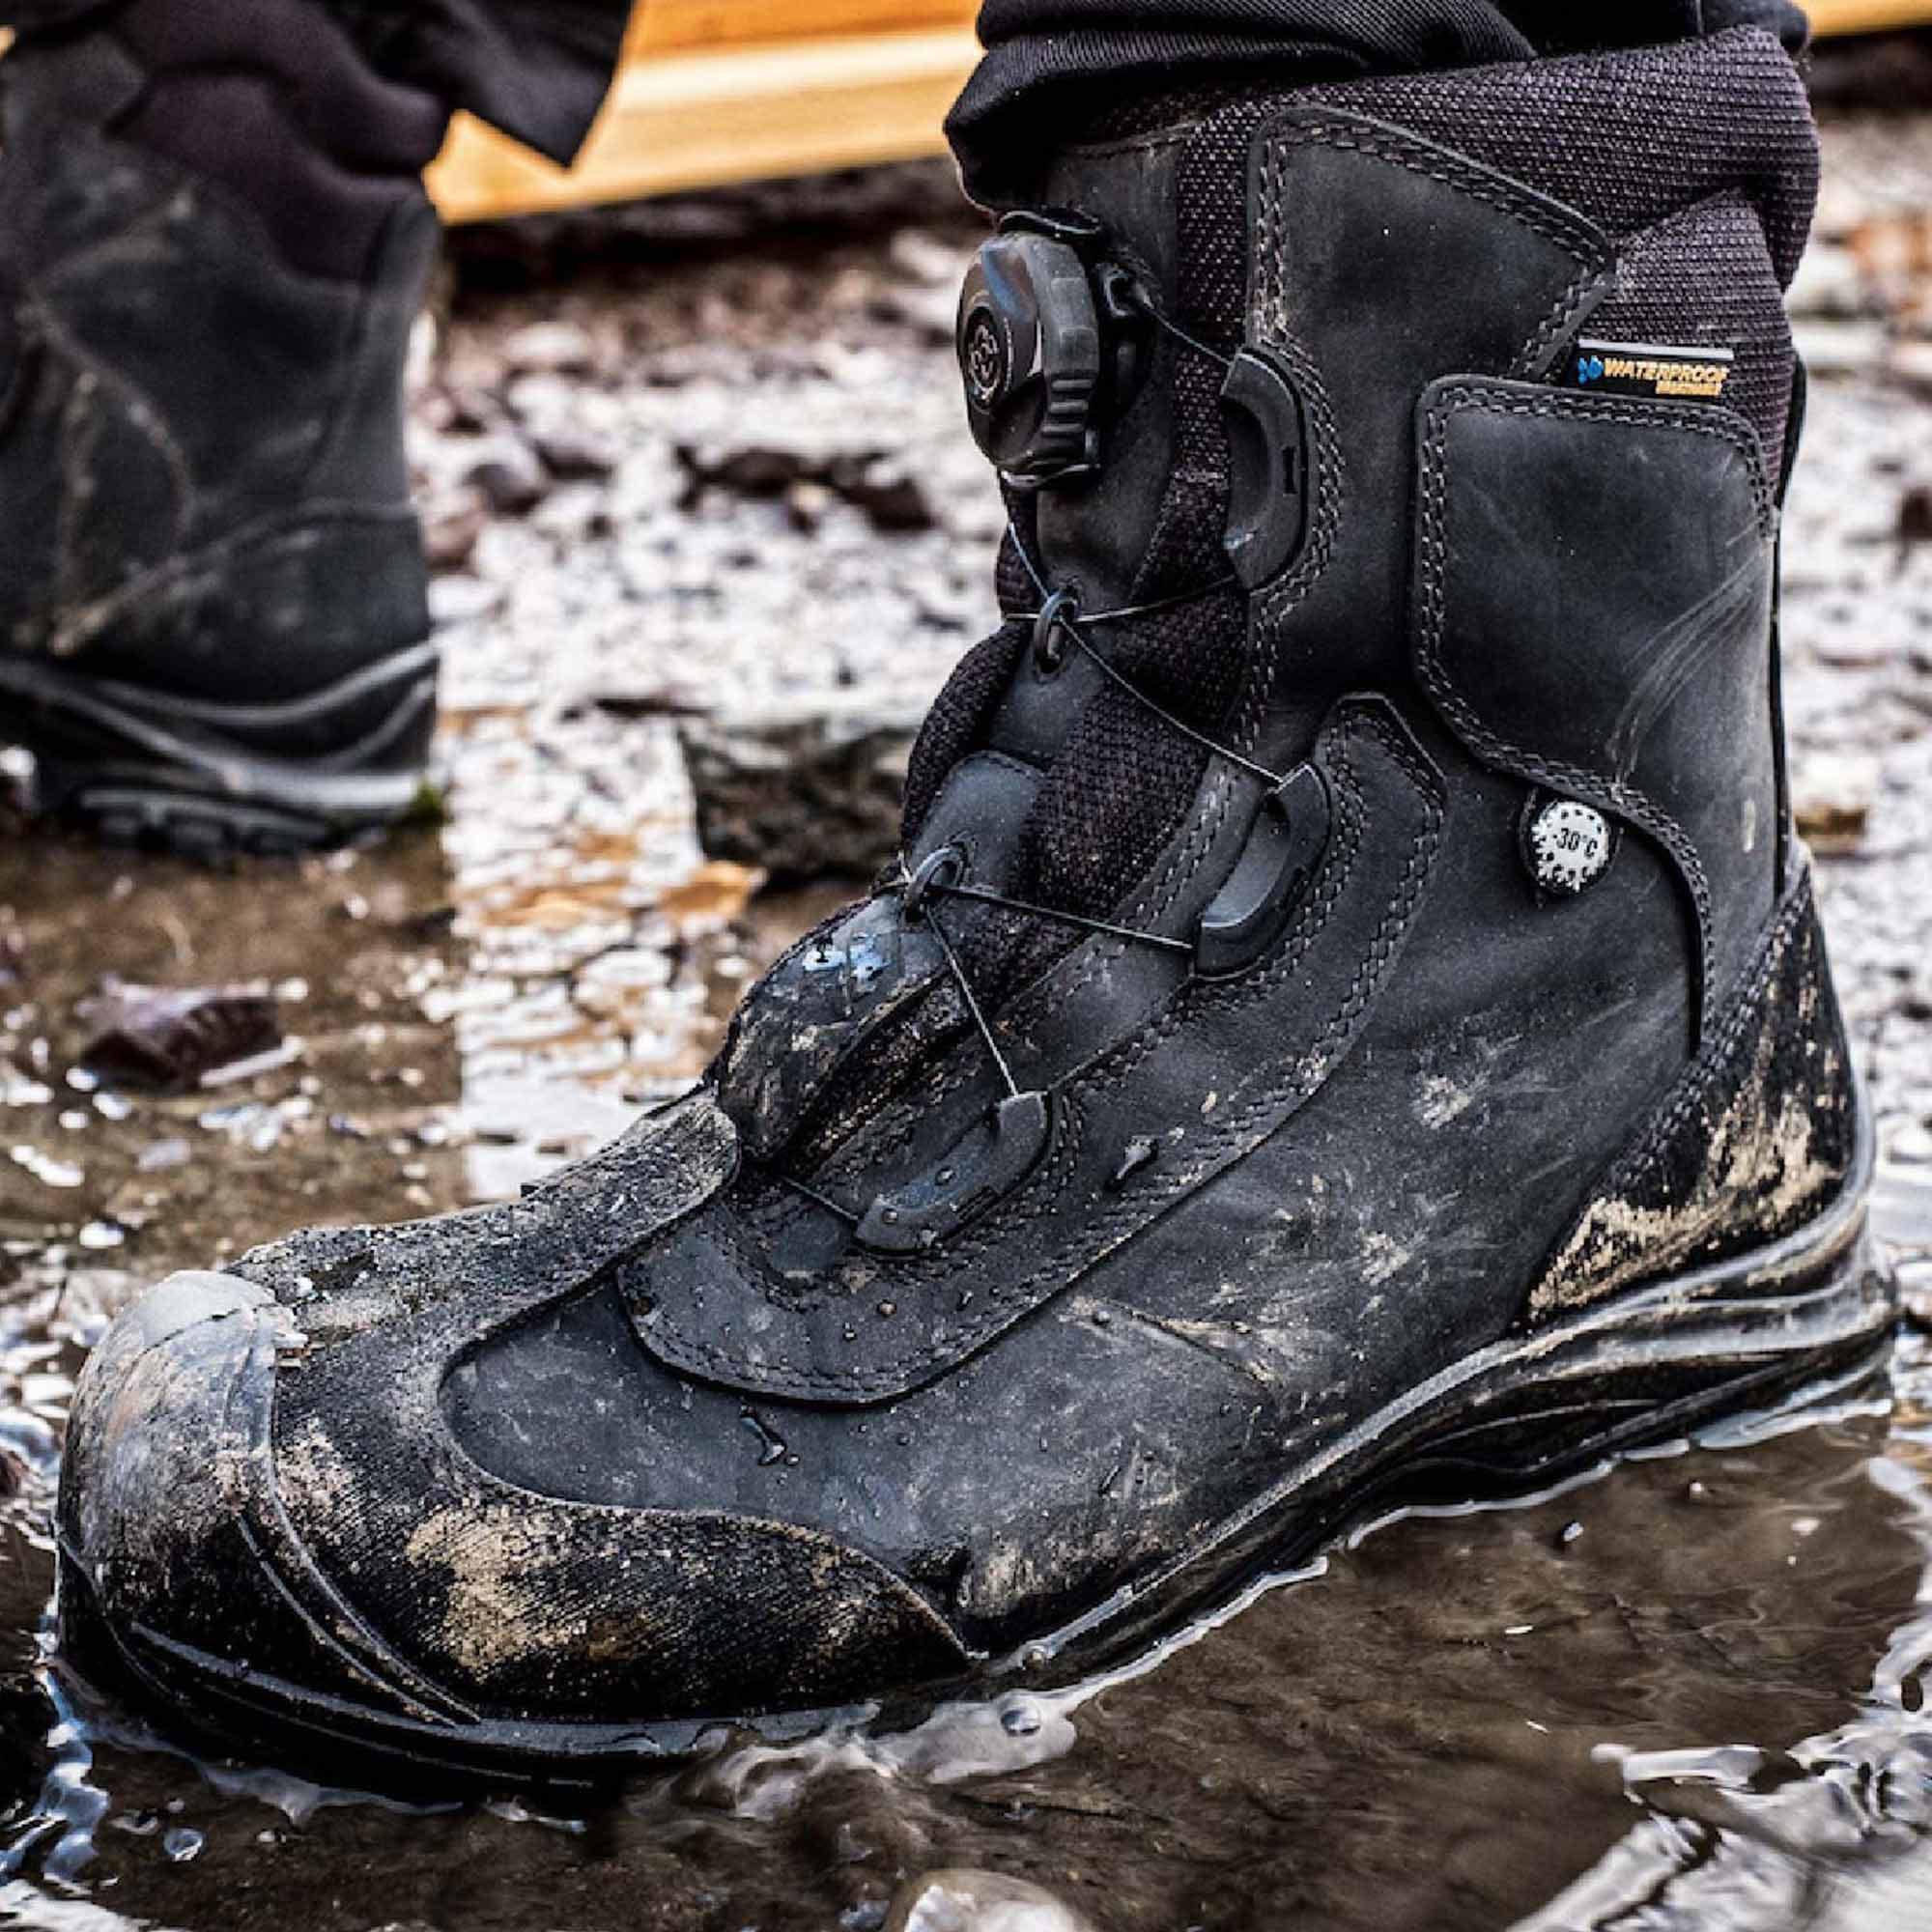 Nước, nhân tố hàng đầu ảnh hưởng độ bền giày bảo hộ